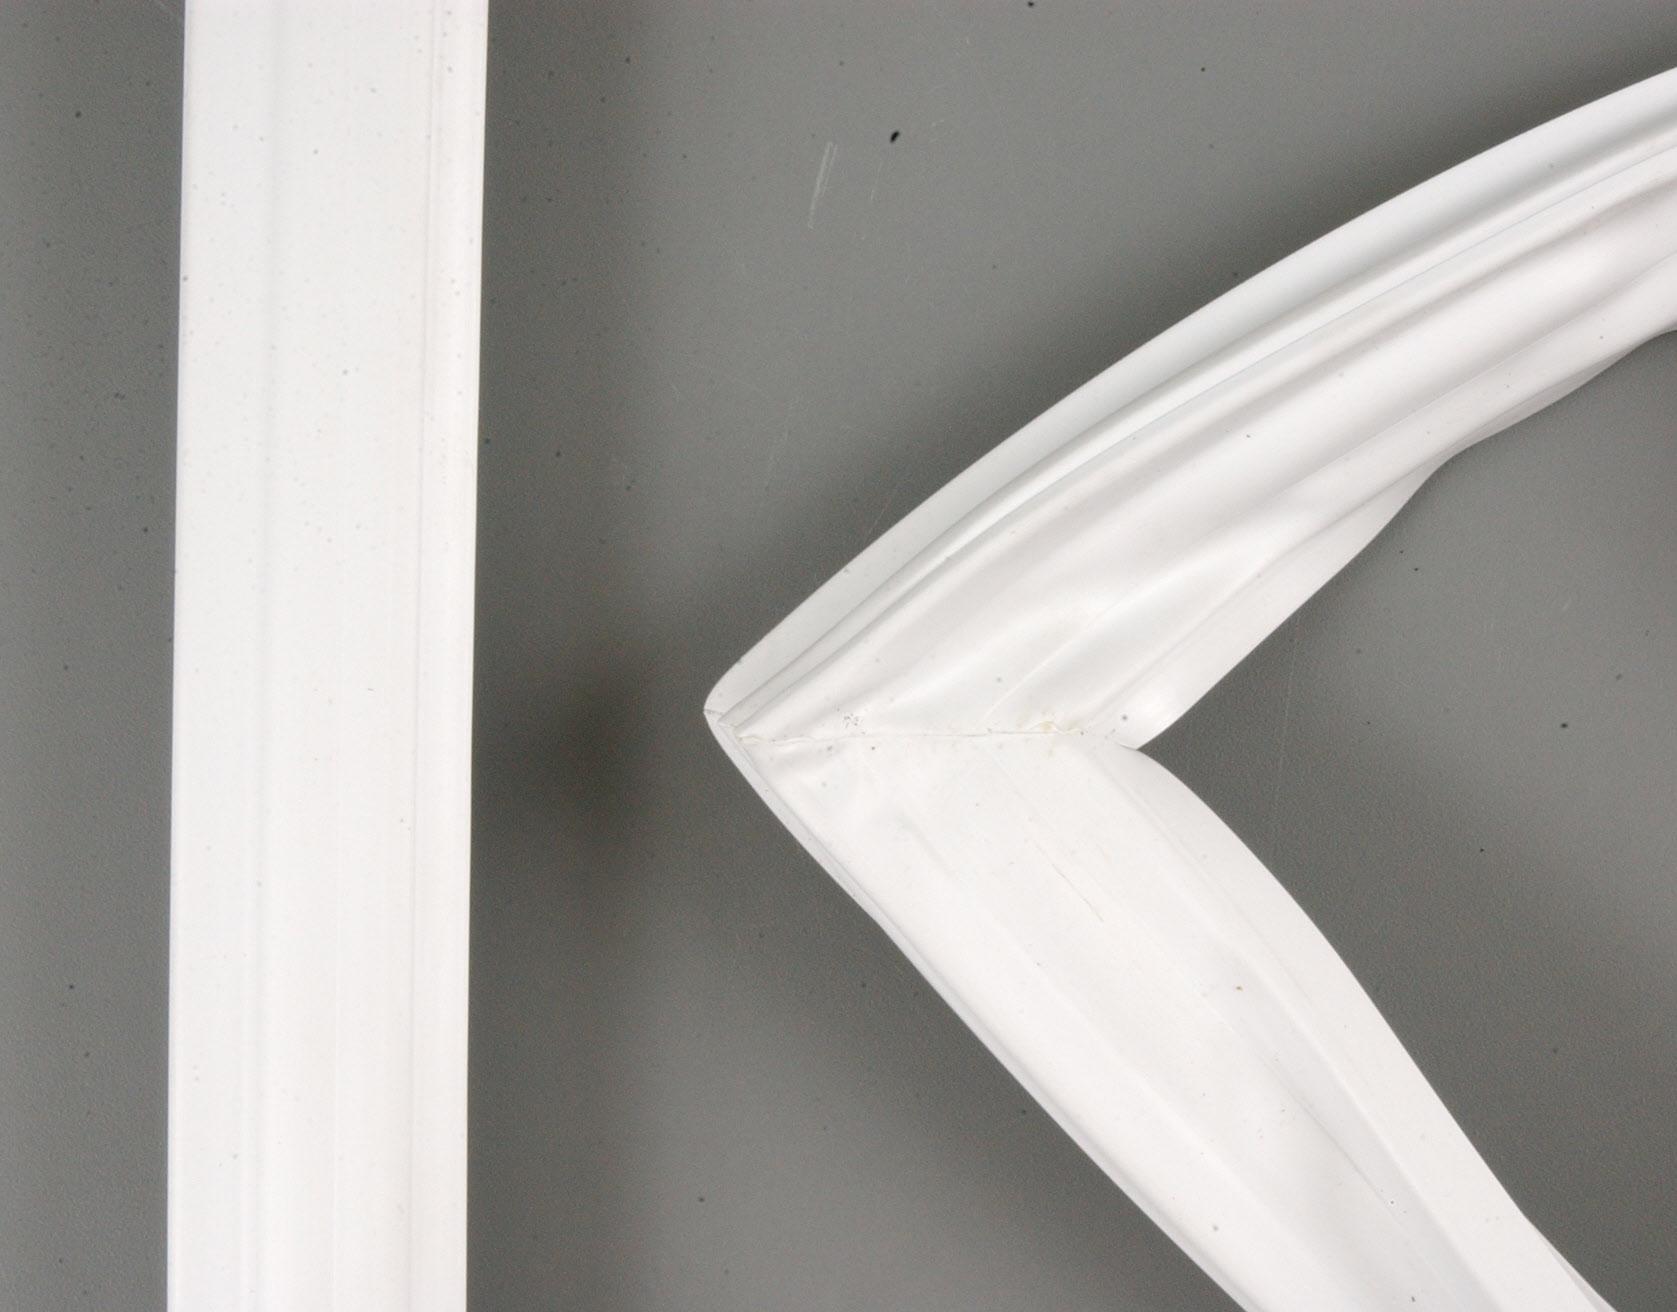 Kenmore Refrigerator Part # 241872504 - Door Gasket